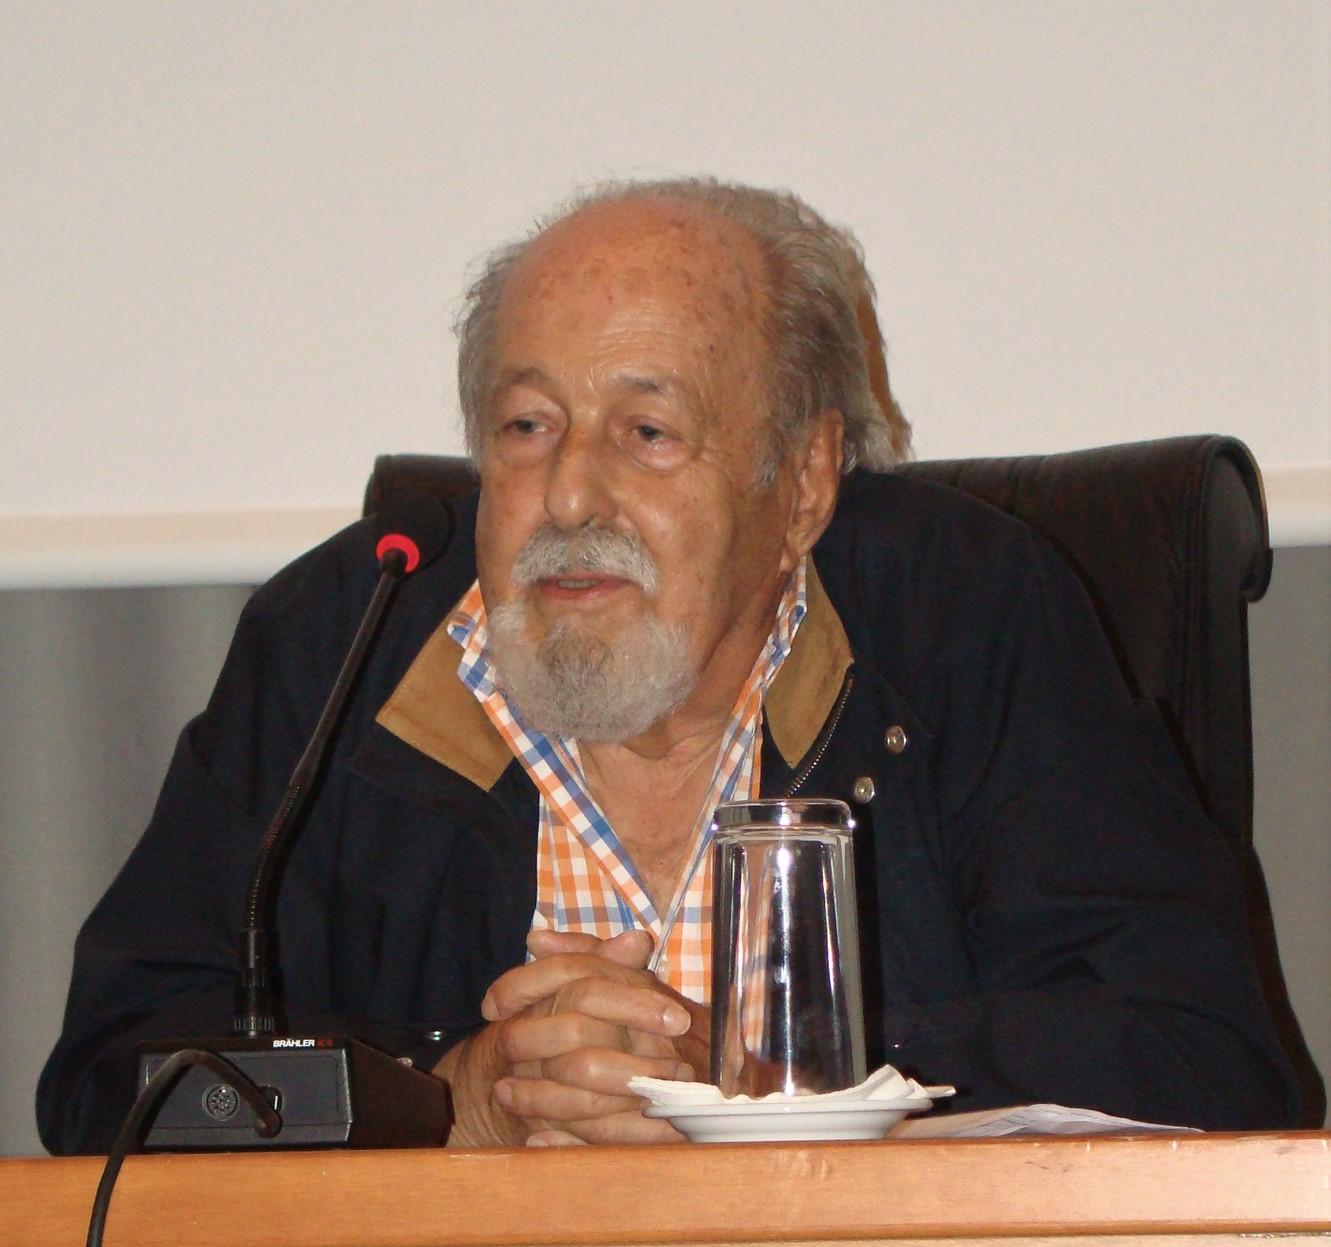 Mensagem de pesar pelo falecimento do Dr. Alberto José Mendonça Neves – uma vida dedicada à promoção da Saúde Mental e à Cultura